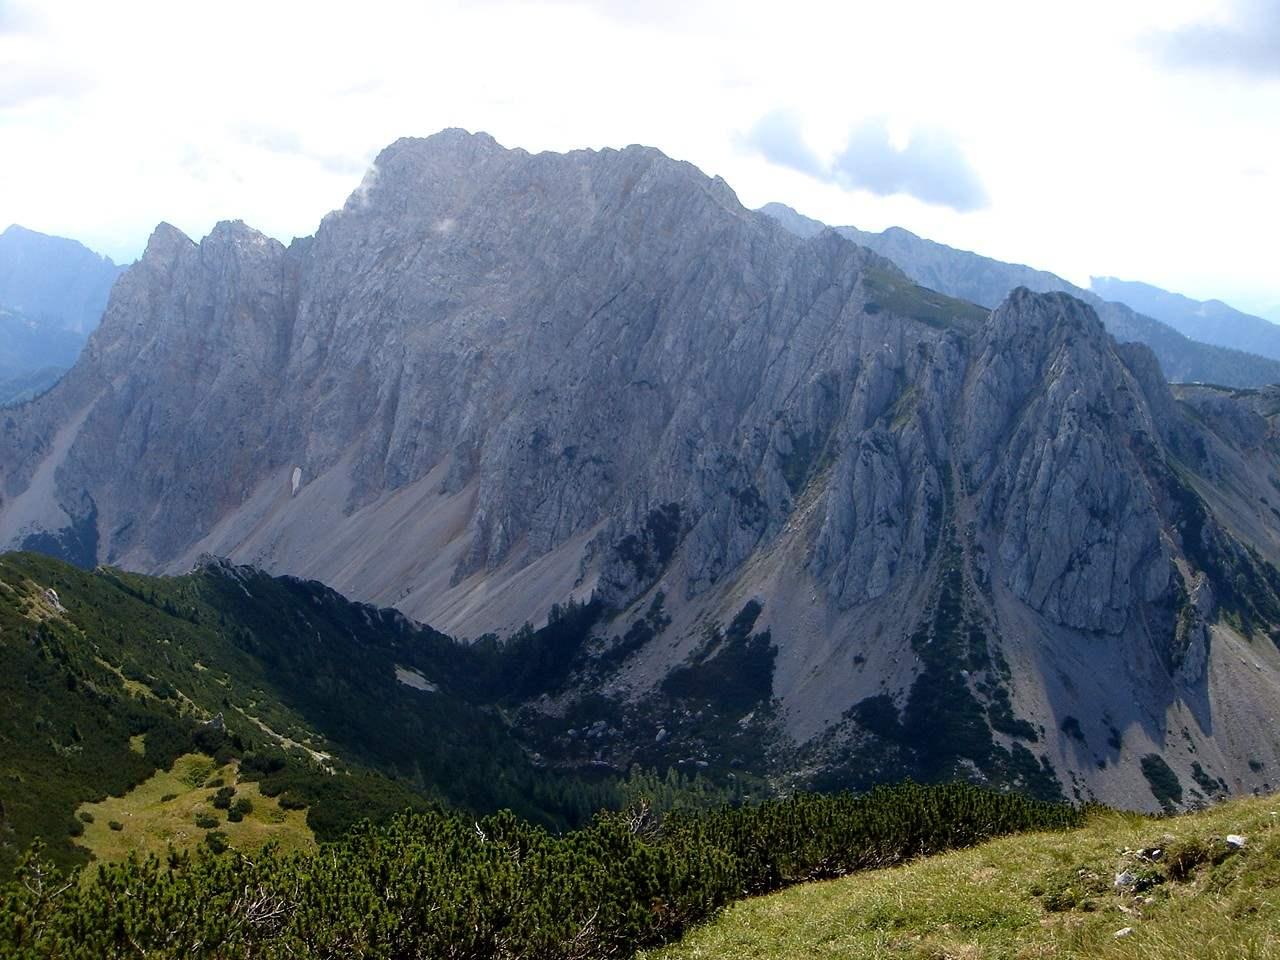 Foto: Manfred Karl / Wandertour / Über die Klagenfurter Hütte auf den Geißberg / Vertatscha / 20.06.2007 18:07:21